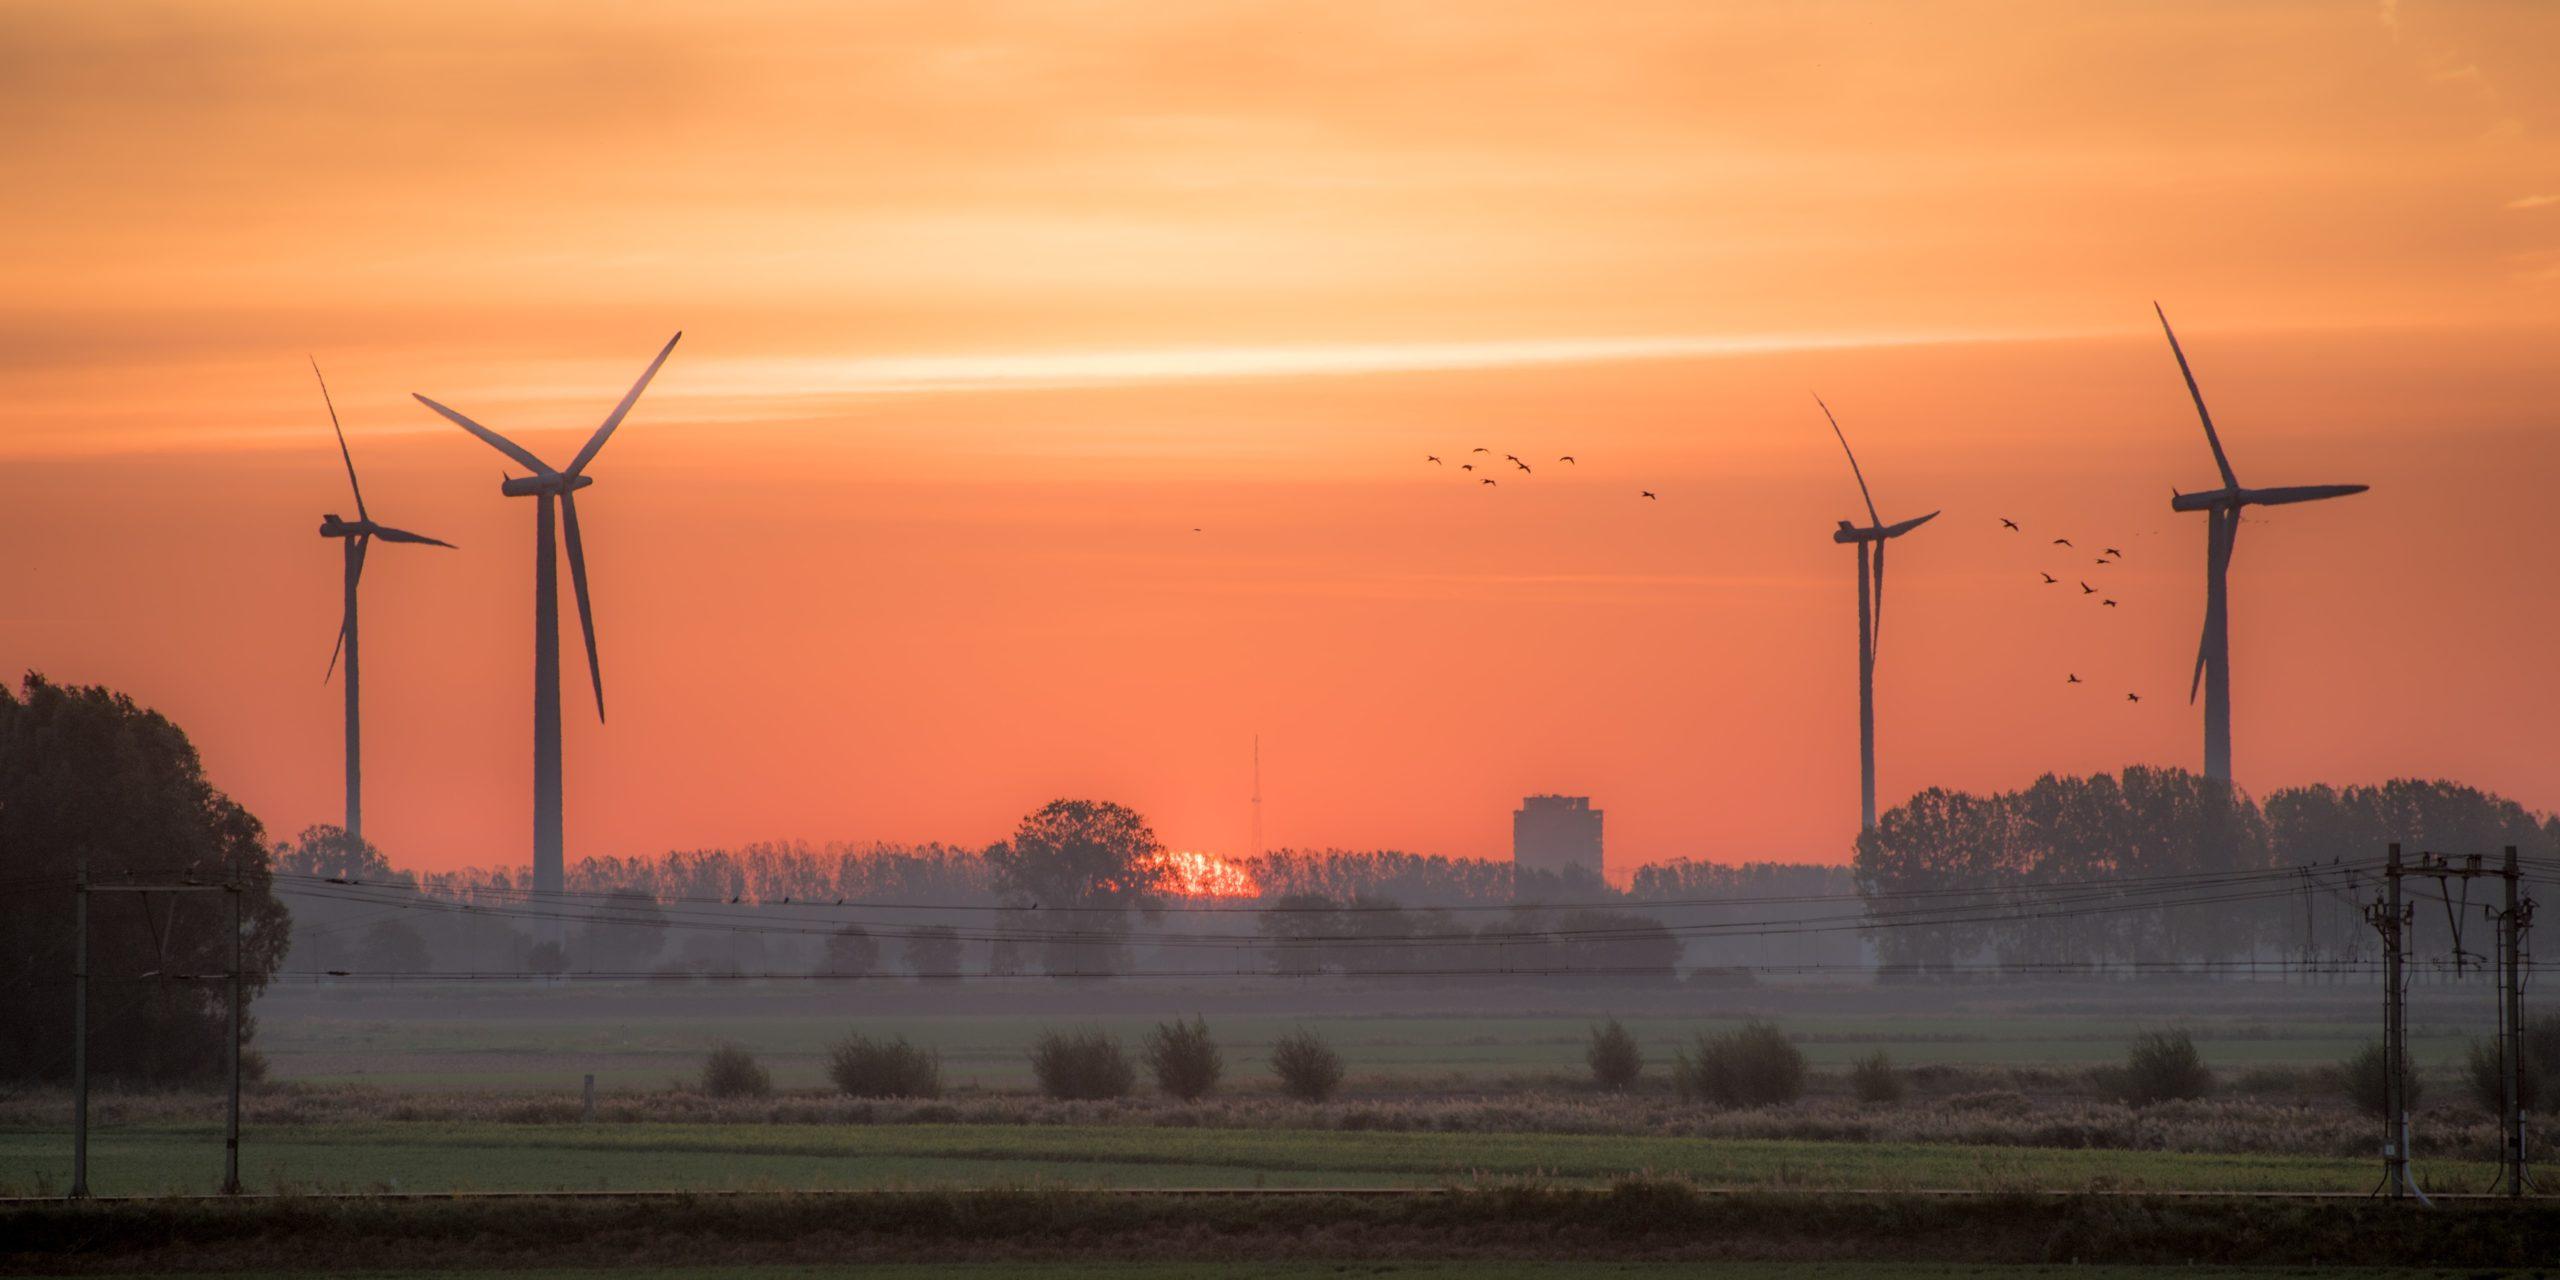 éoliennes proches d'une agglomération